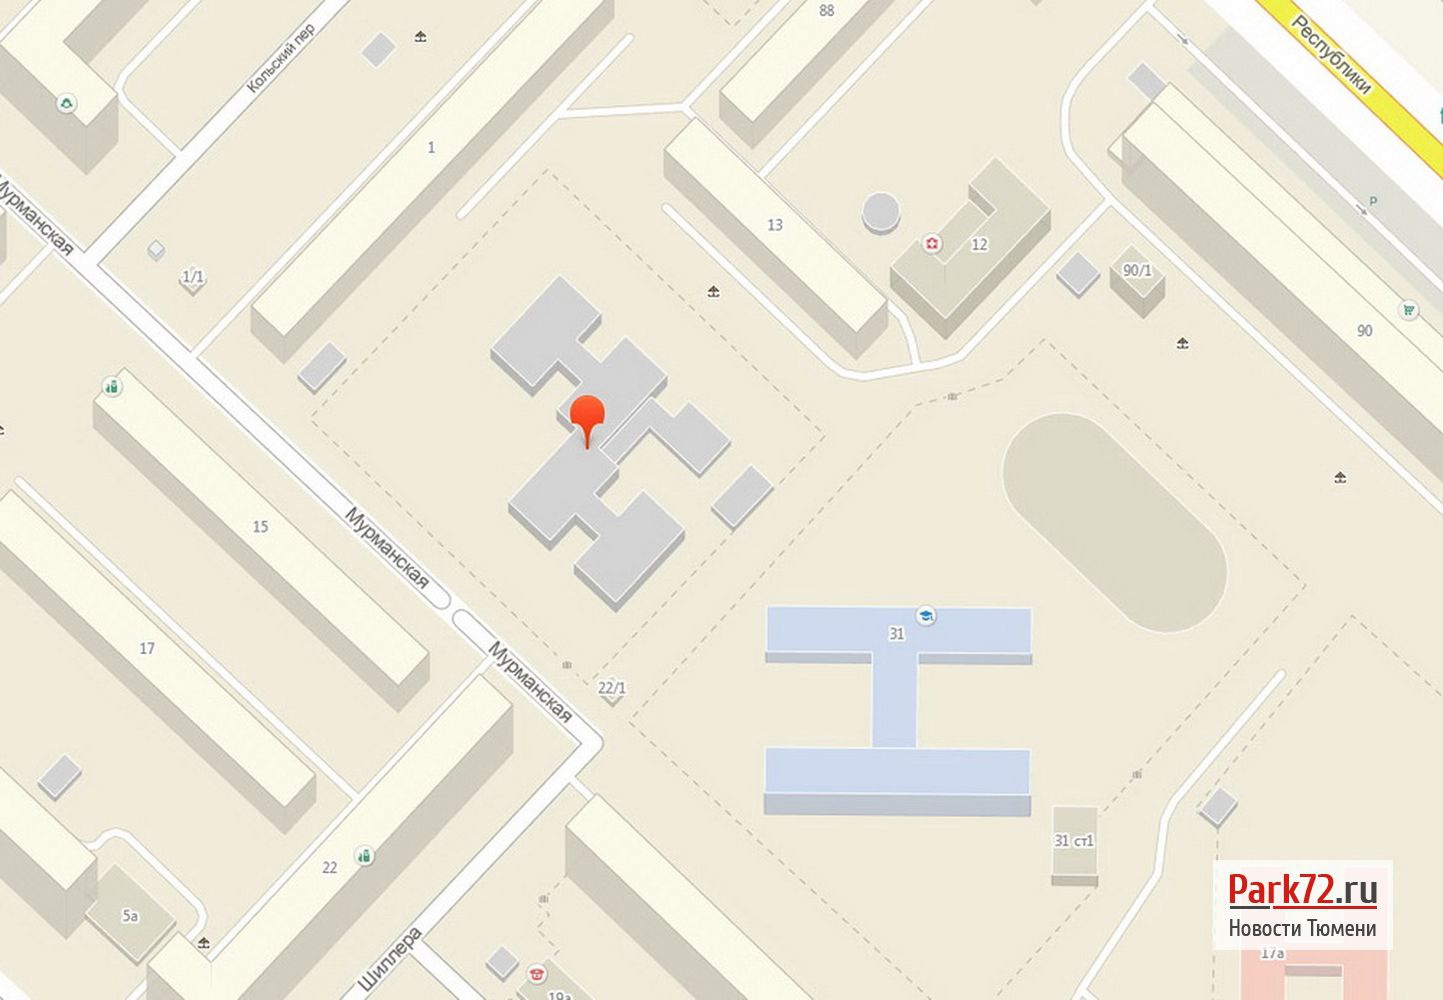 В настоящее время у здания на картах нет даже адреса - это безликое сооружение_новый размер_result